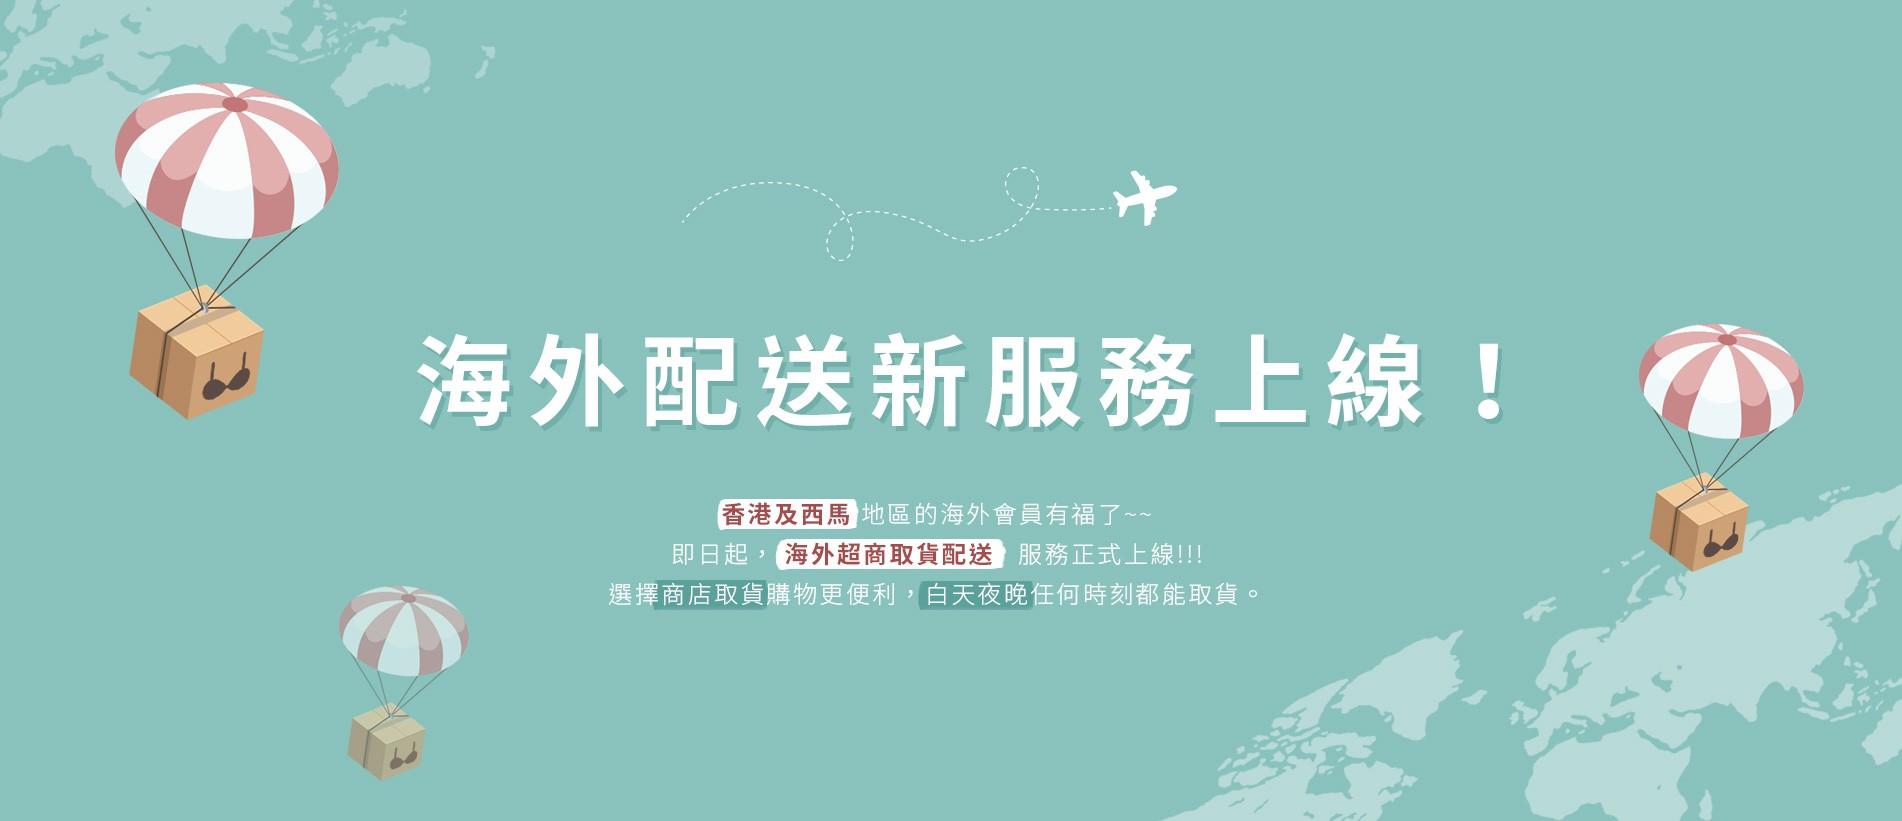 0612 海外超商取貨(新服務上線)